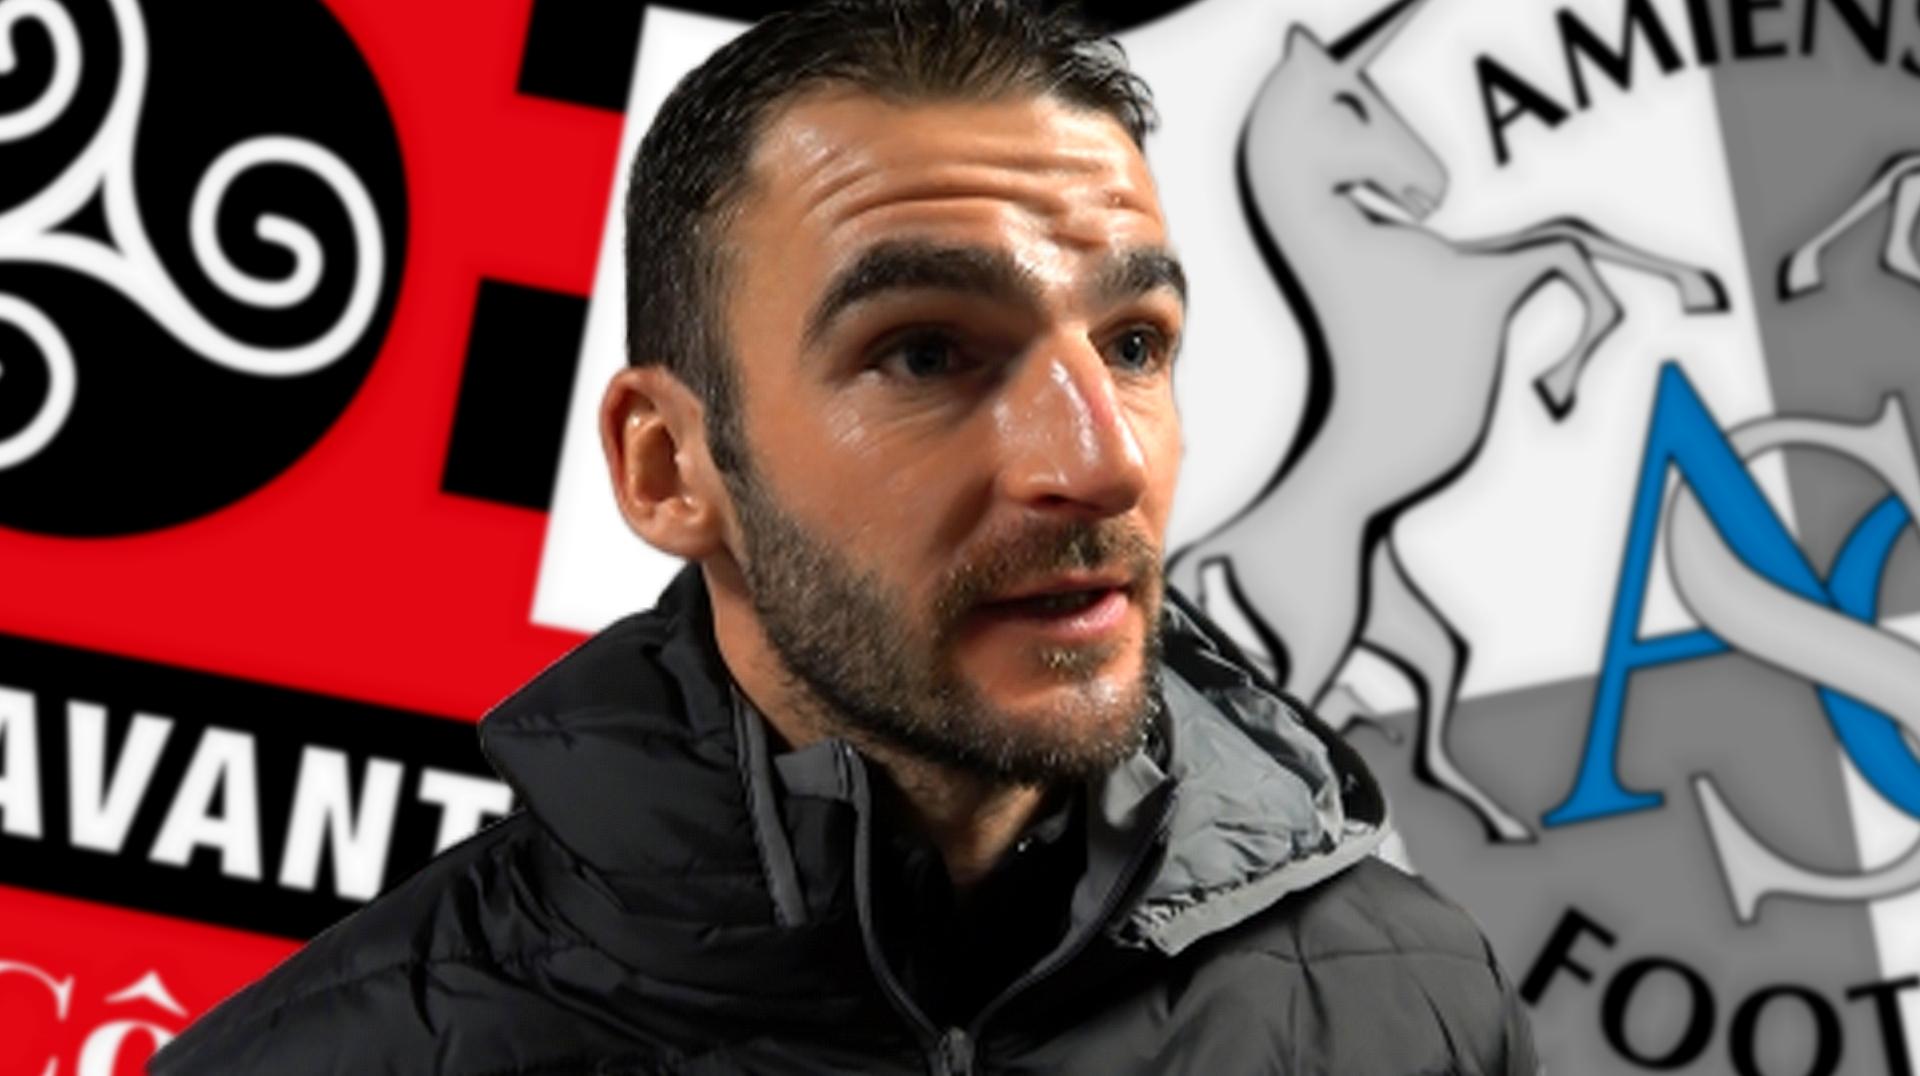 Interview de Christophe Kerbrat après la défaite de Guingamp face à Amiens le 8 décembre 2019 - La Déviation